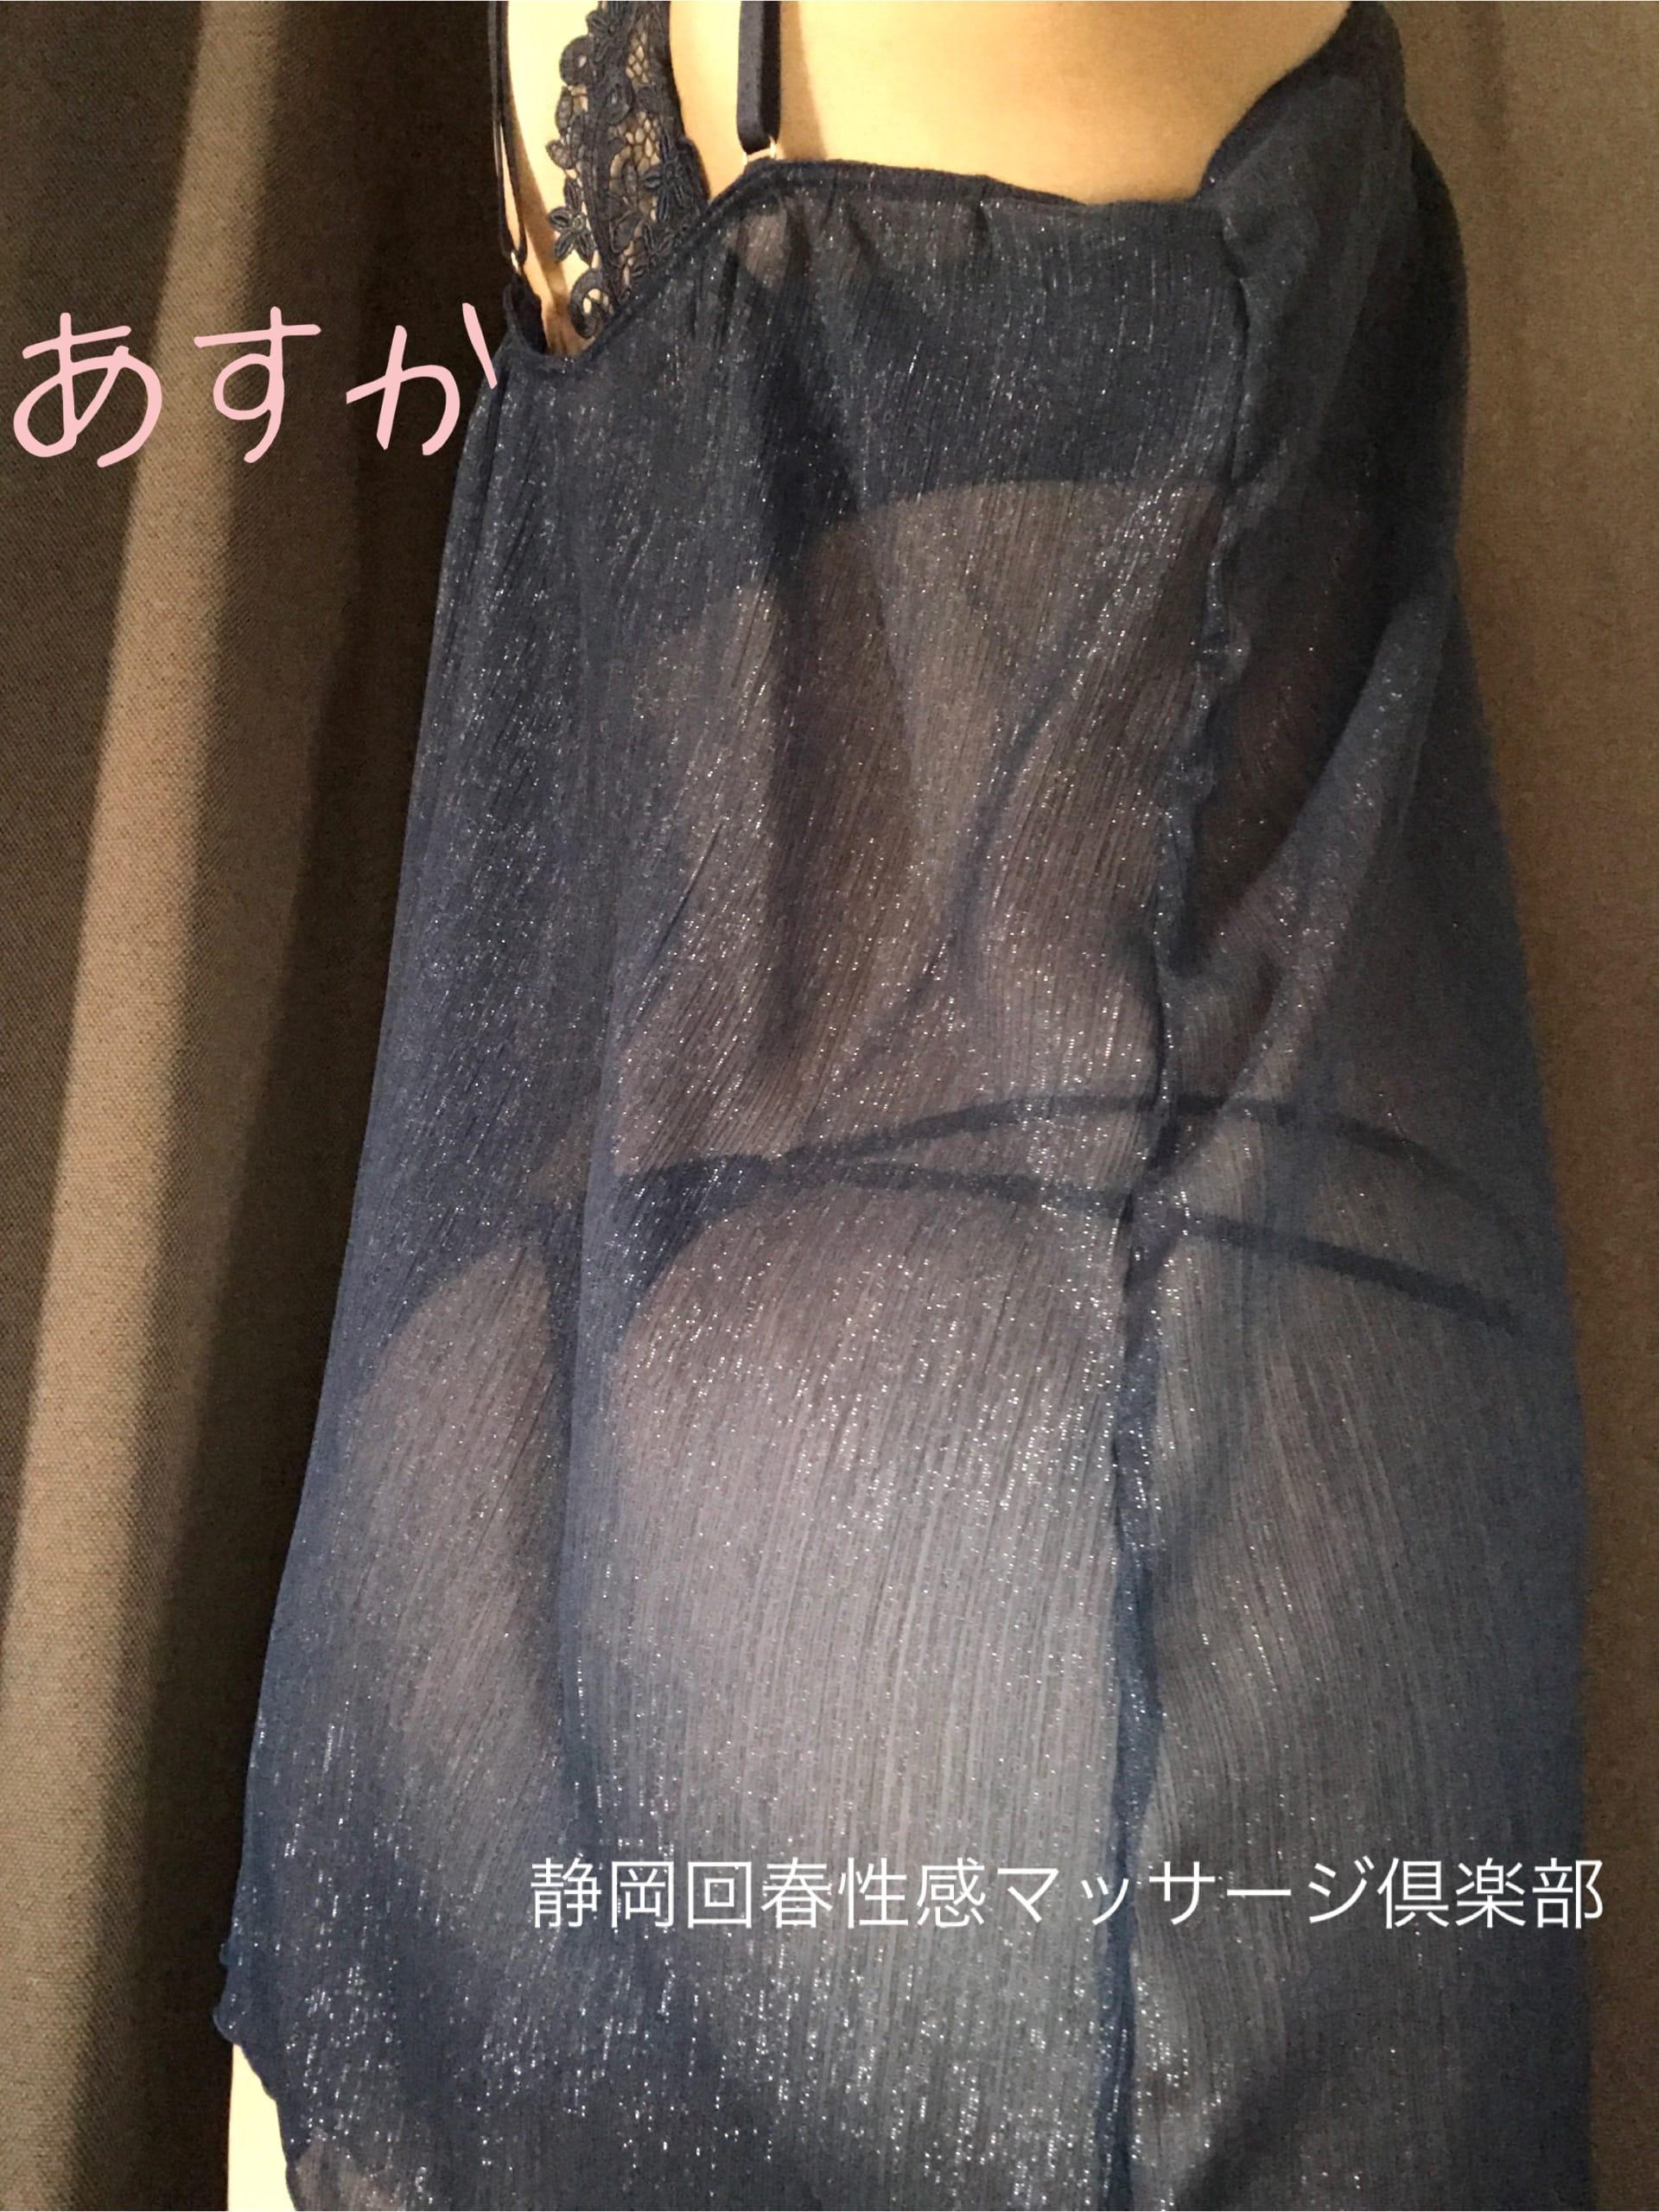 「ももたろう」08/19(土) 16:17 | あすかの写メ・風俗動画